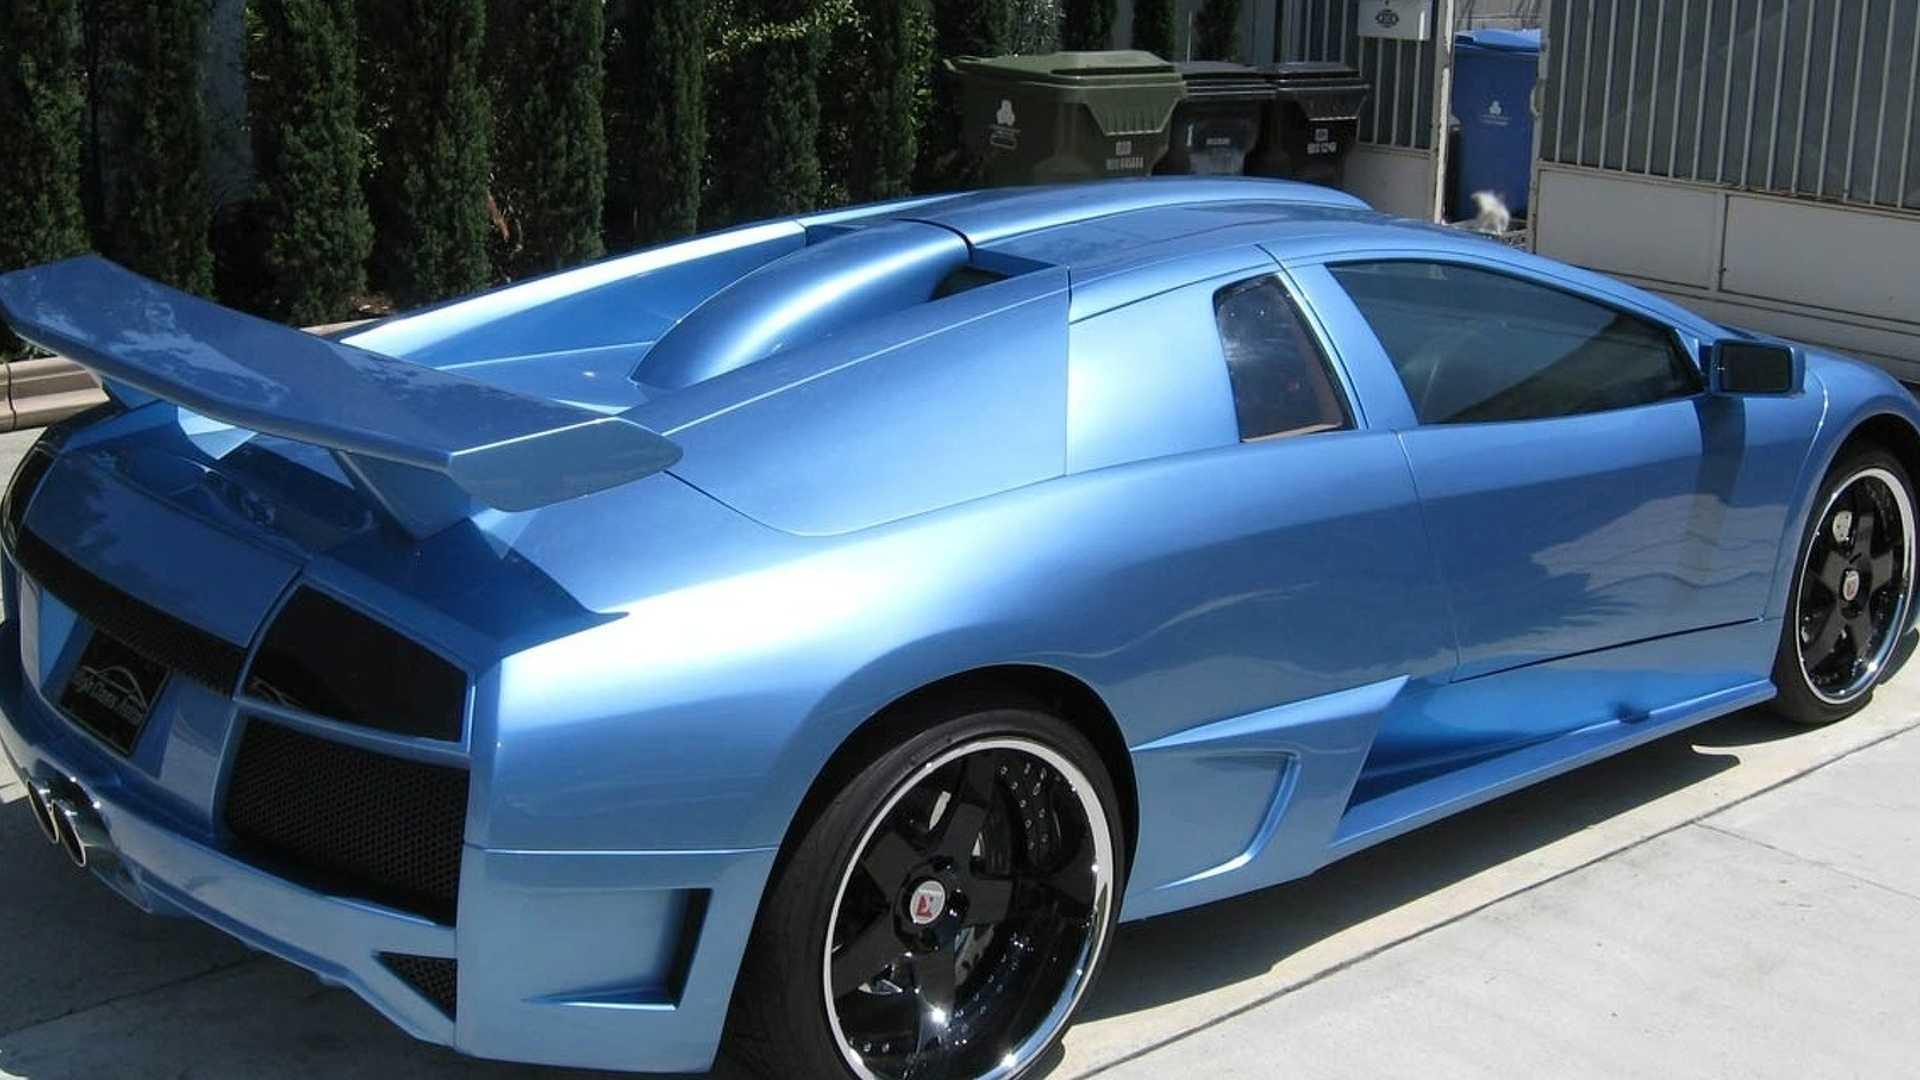 Fiero Kit Car Madness Murcielago Replica By Zorba Design